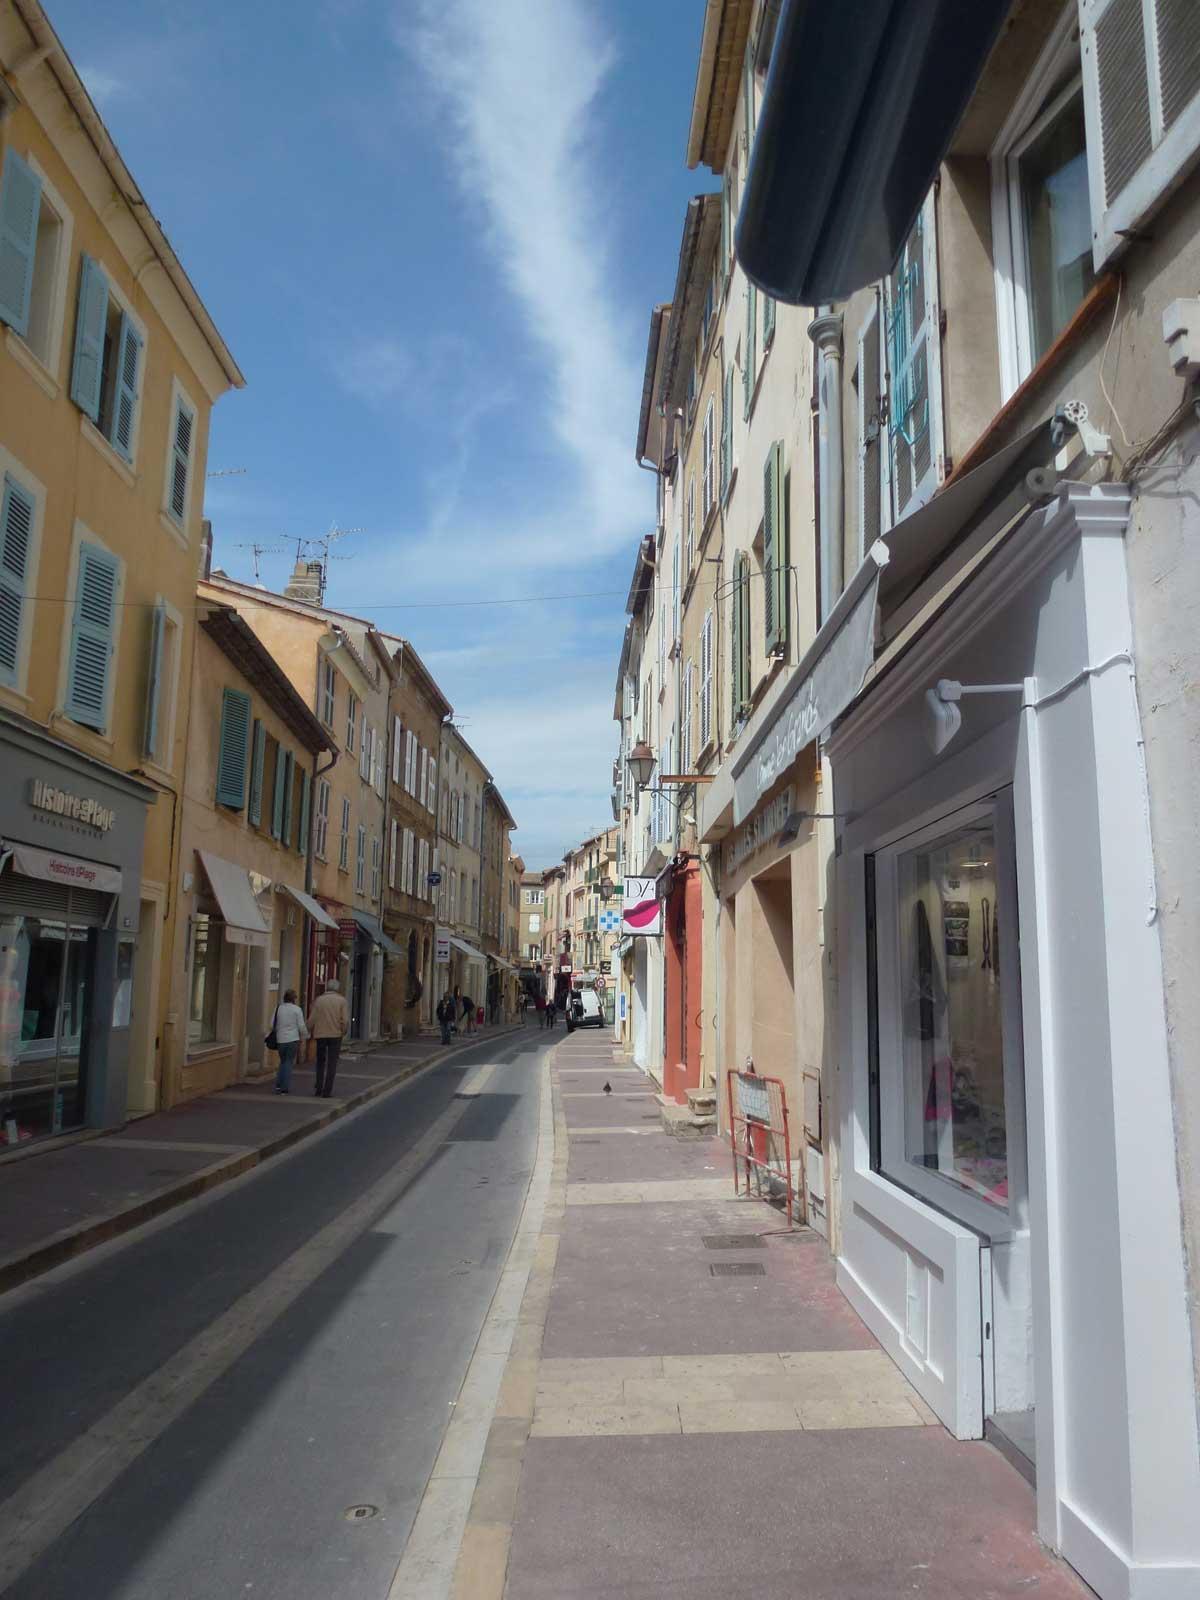 Altstadtgasse in St. Tropez mit unauffälligen Edelboutiquen auf beiden Seiten